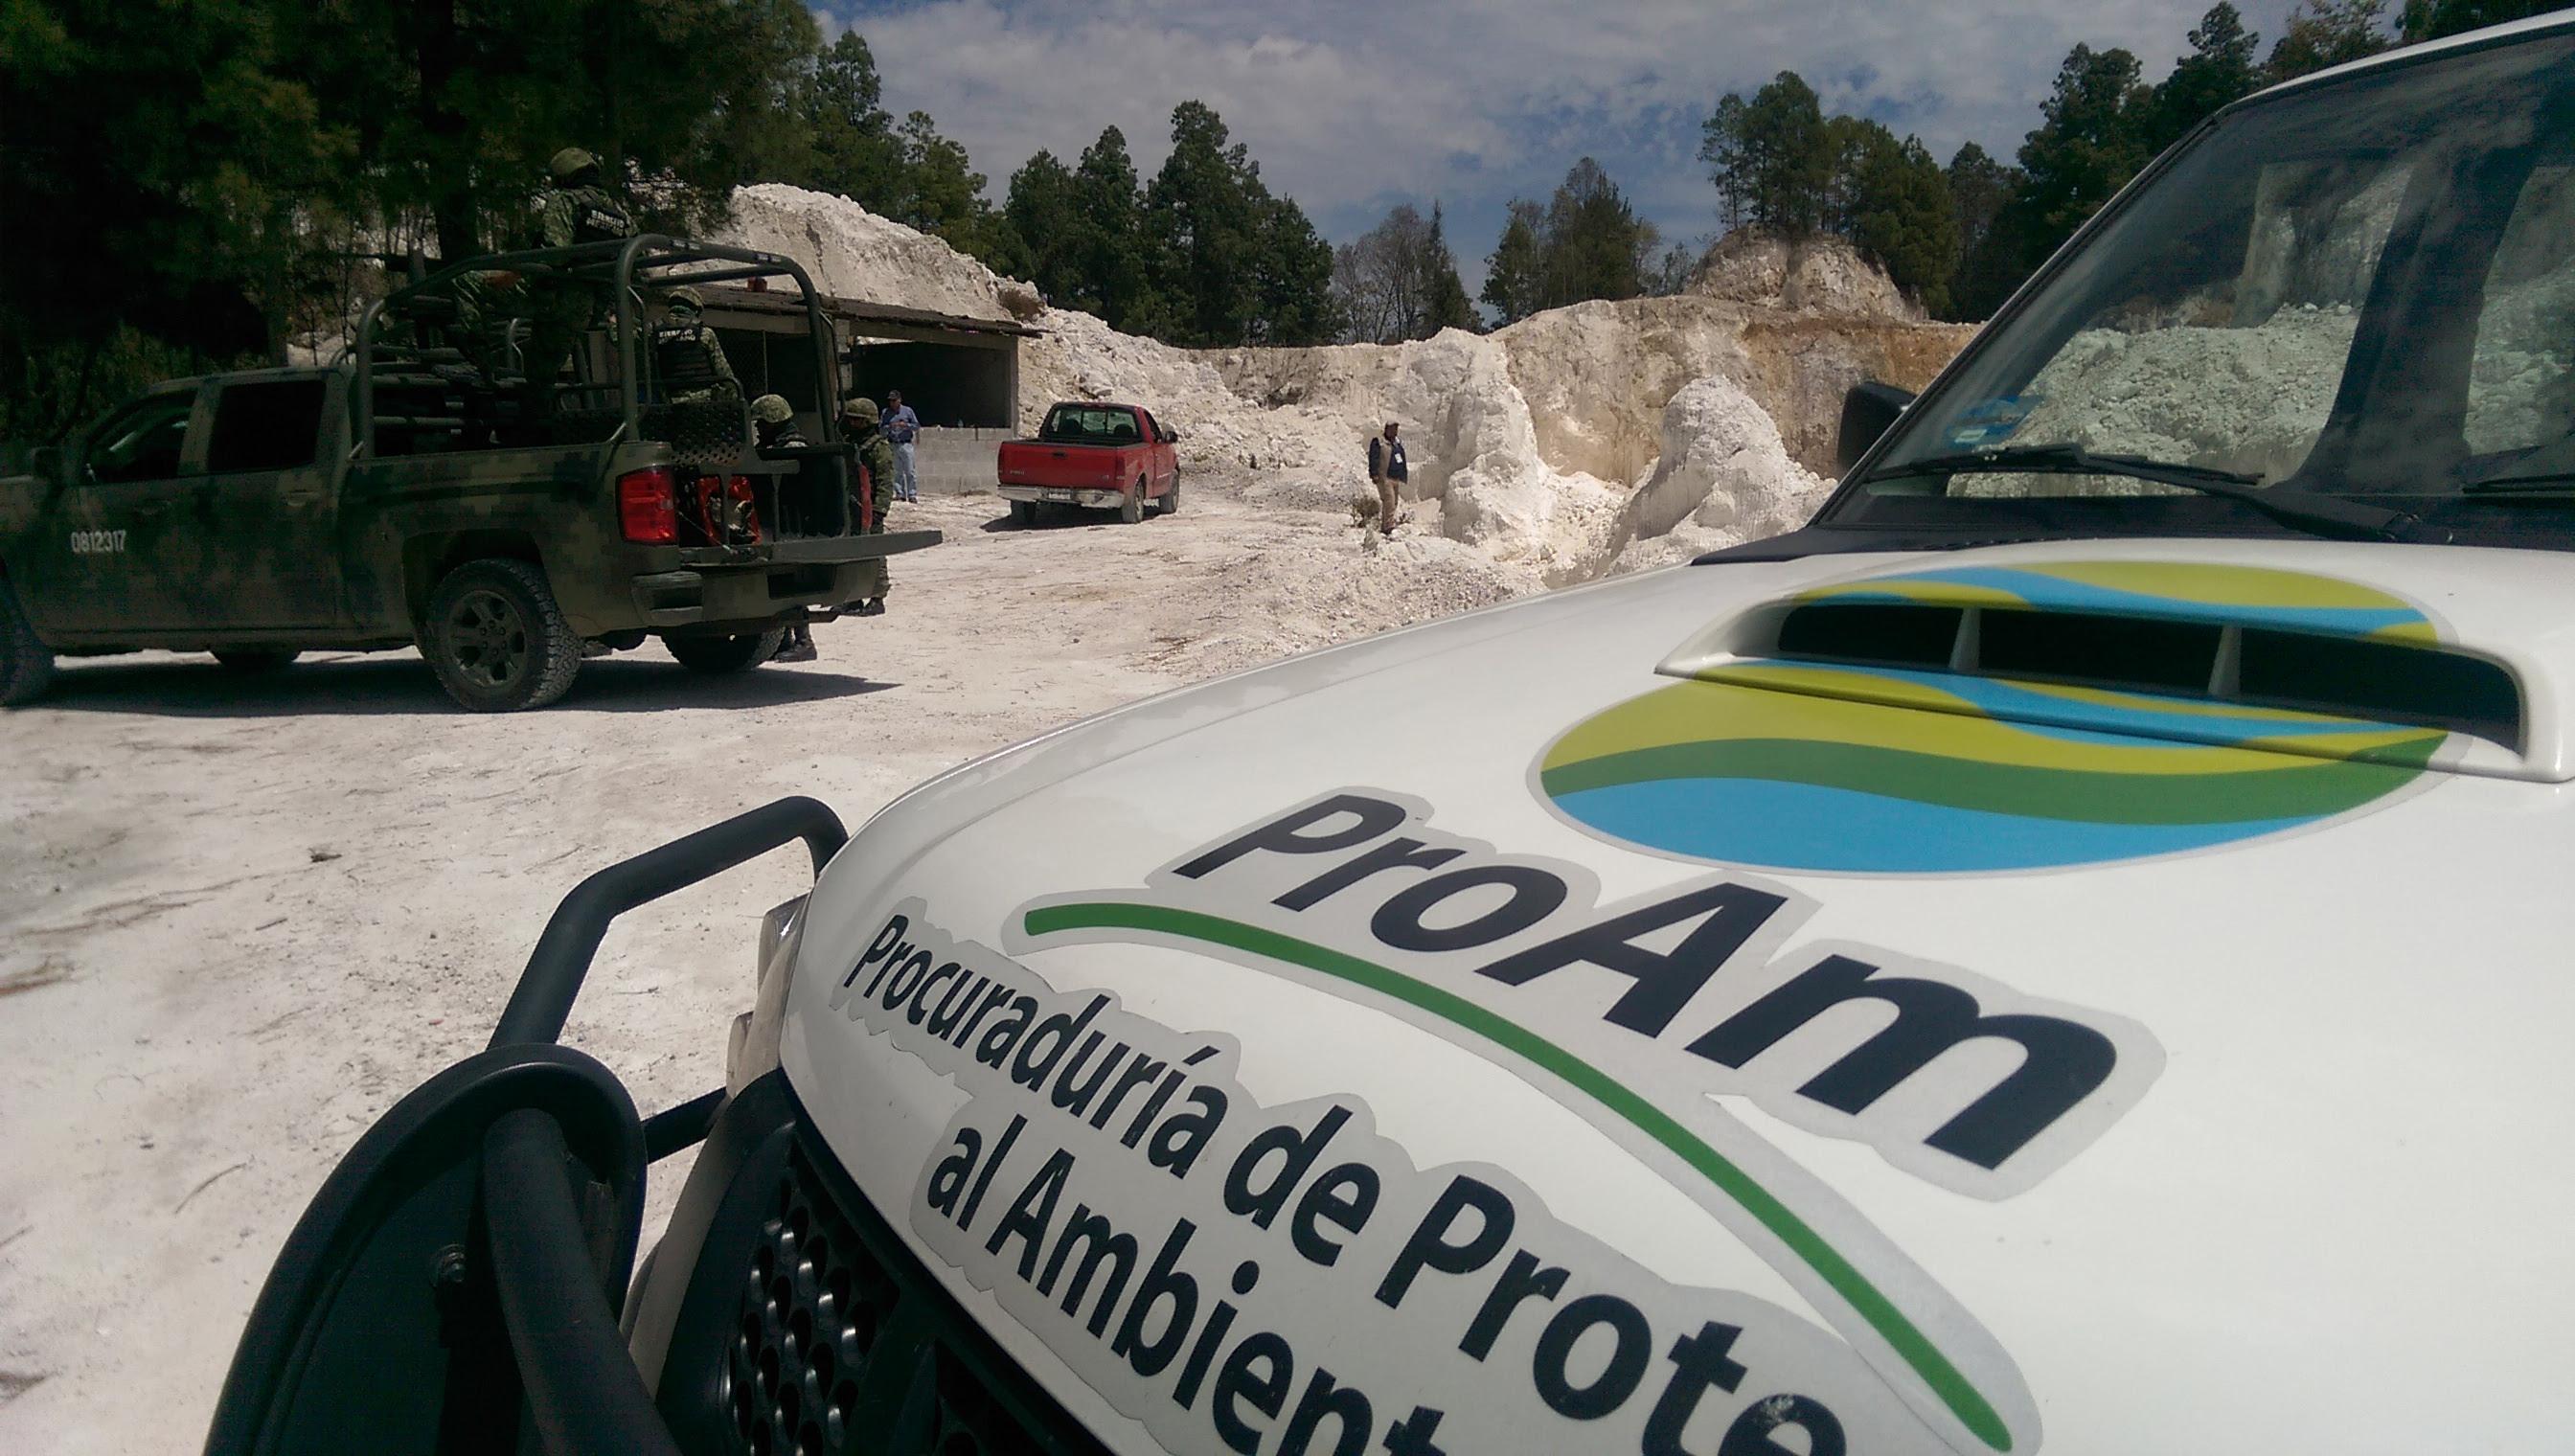 Esta acción fue acordada en el seno de la Mesa de Seguridad Ambiental Michoacana, de la administración estatal que encabeza el gobernador Silvano Aureoles